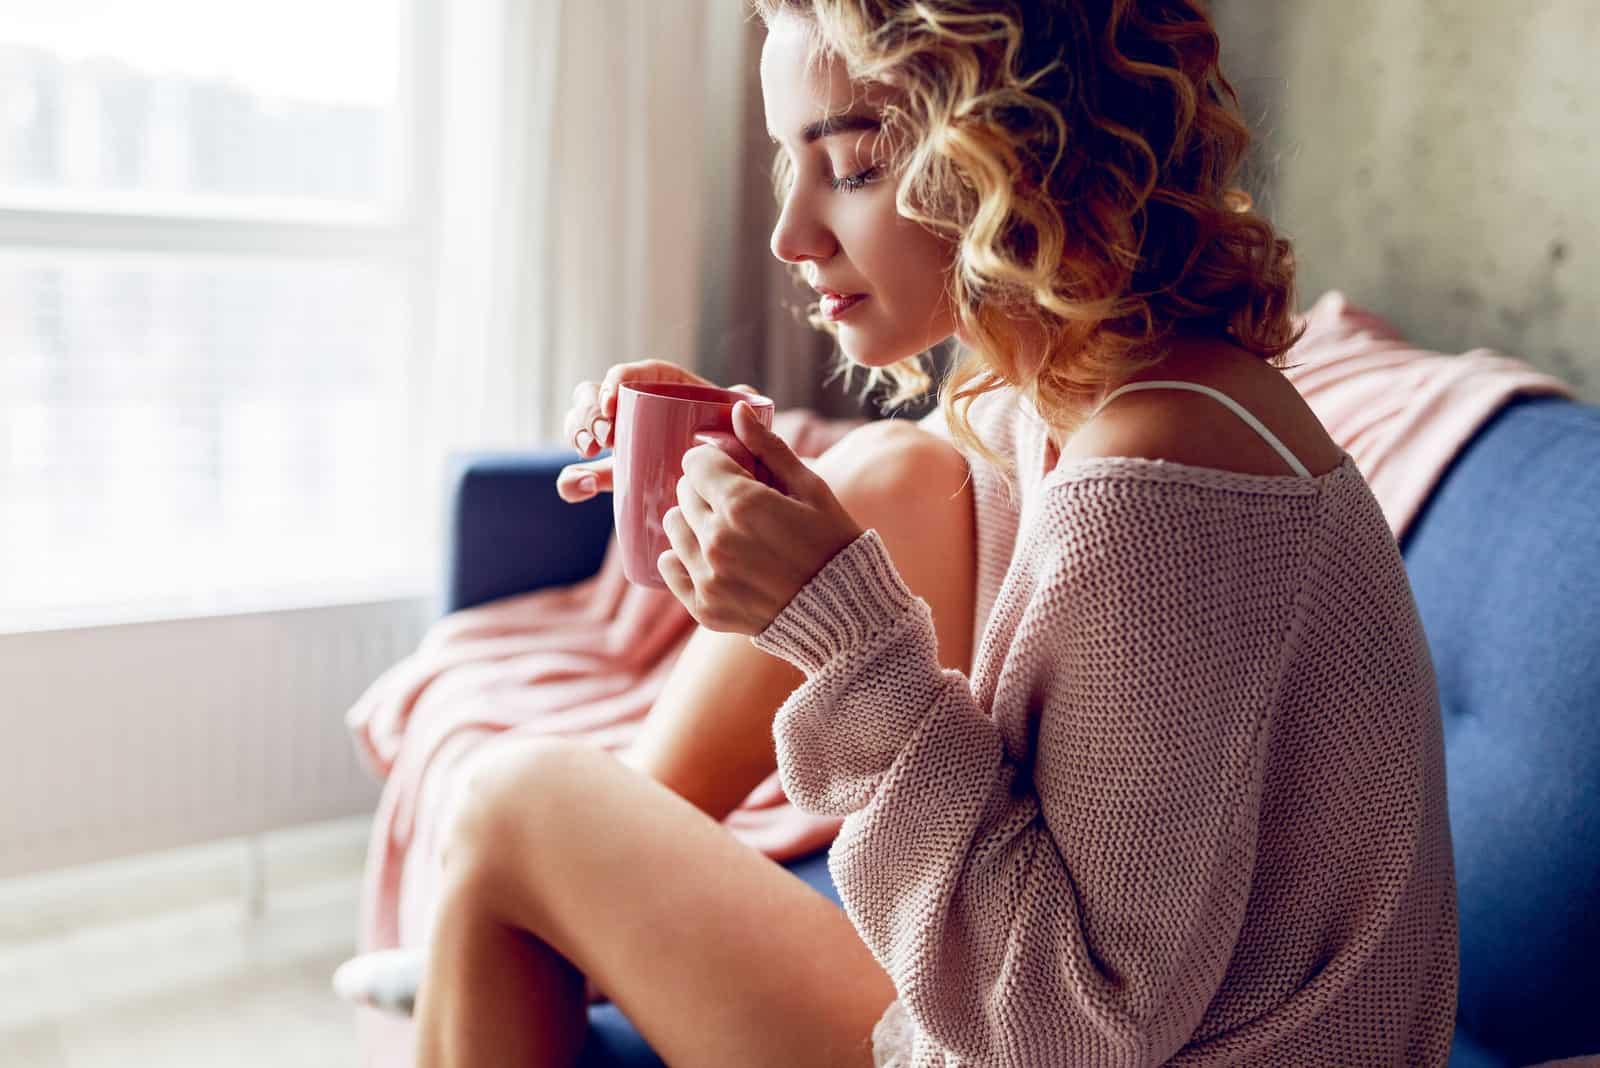 fundersam kvinna som dricker kaffe tidigt på morgonen